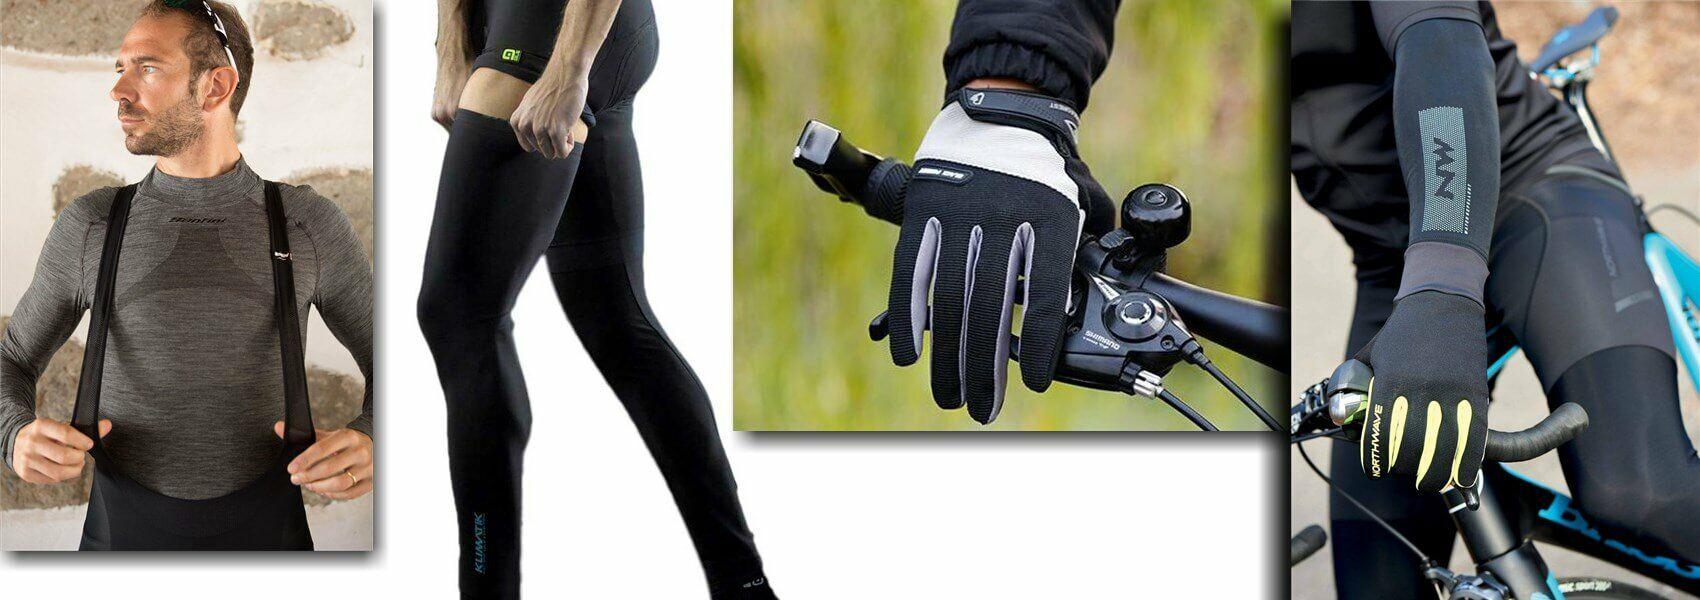 4k_hogyan öltözködj kerékpározáshoz szélben hűvös időjárásban